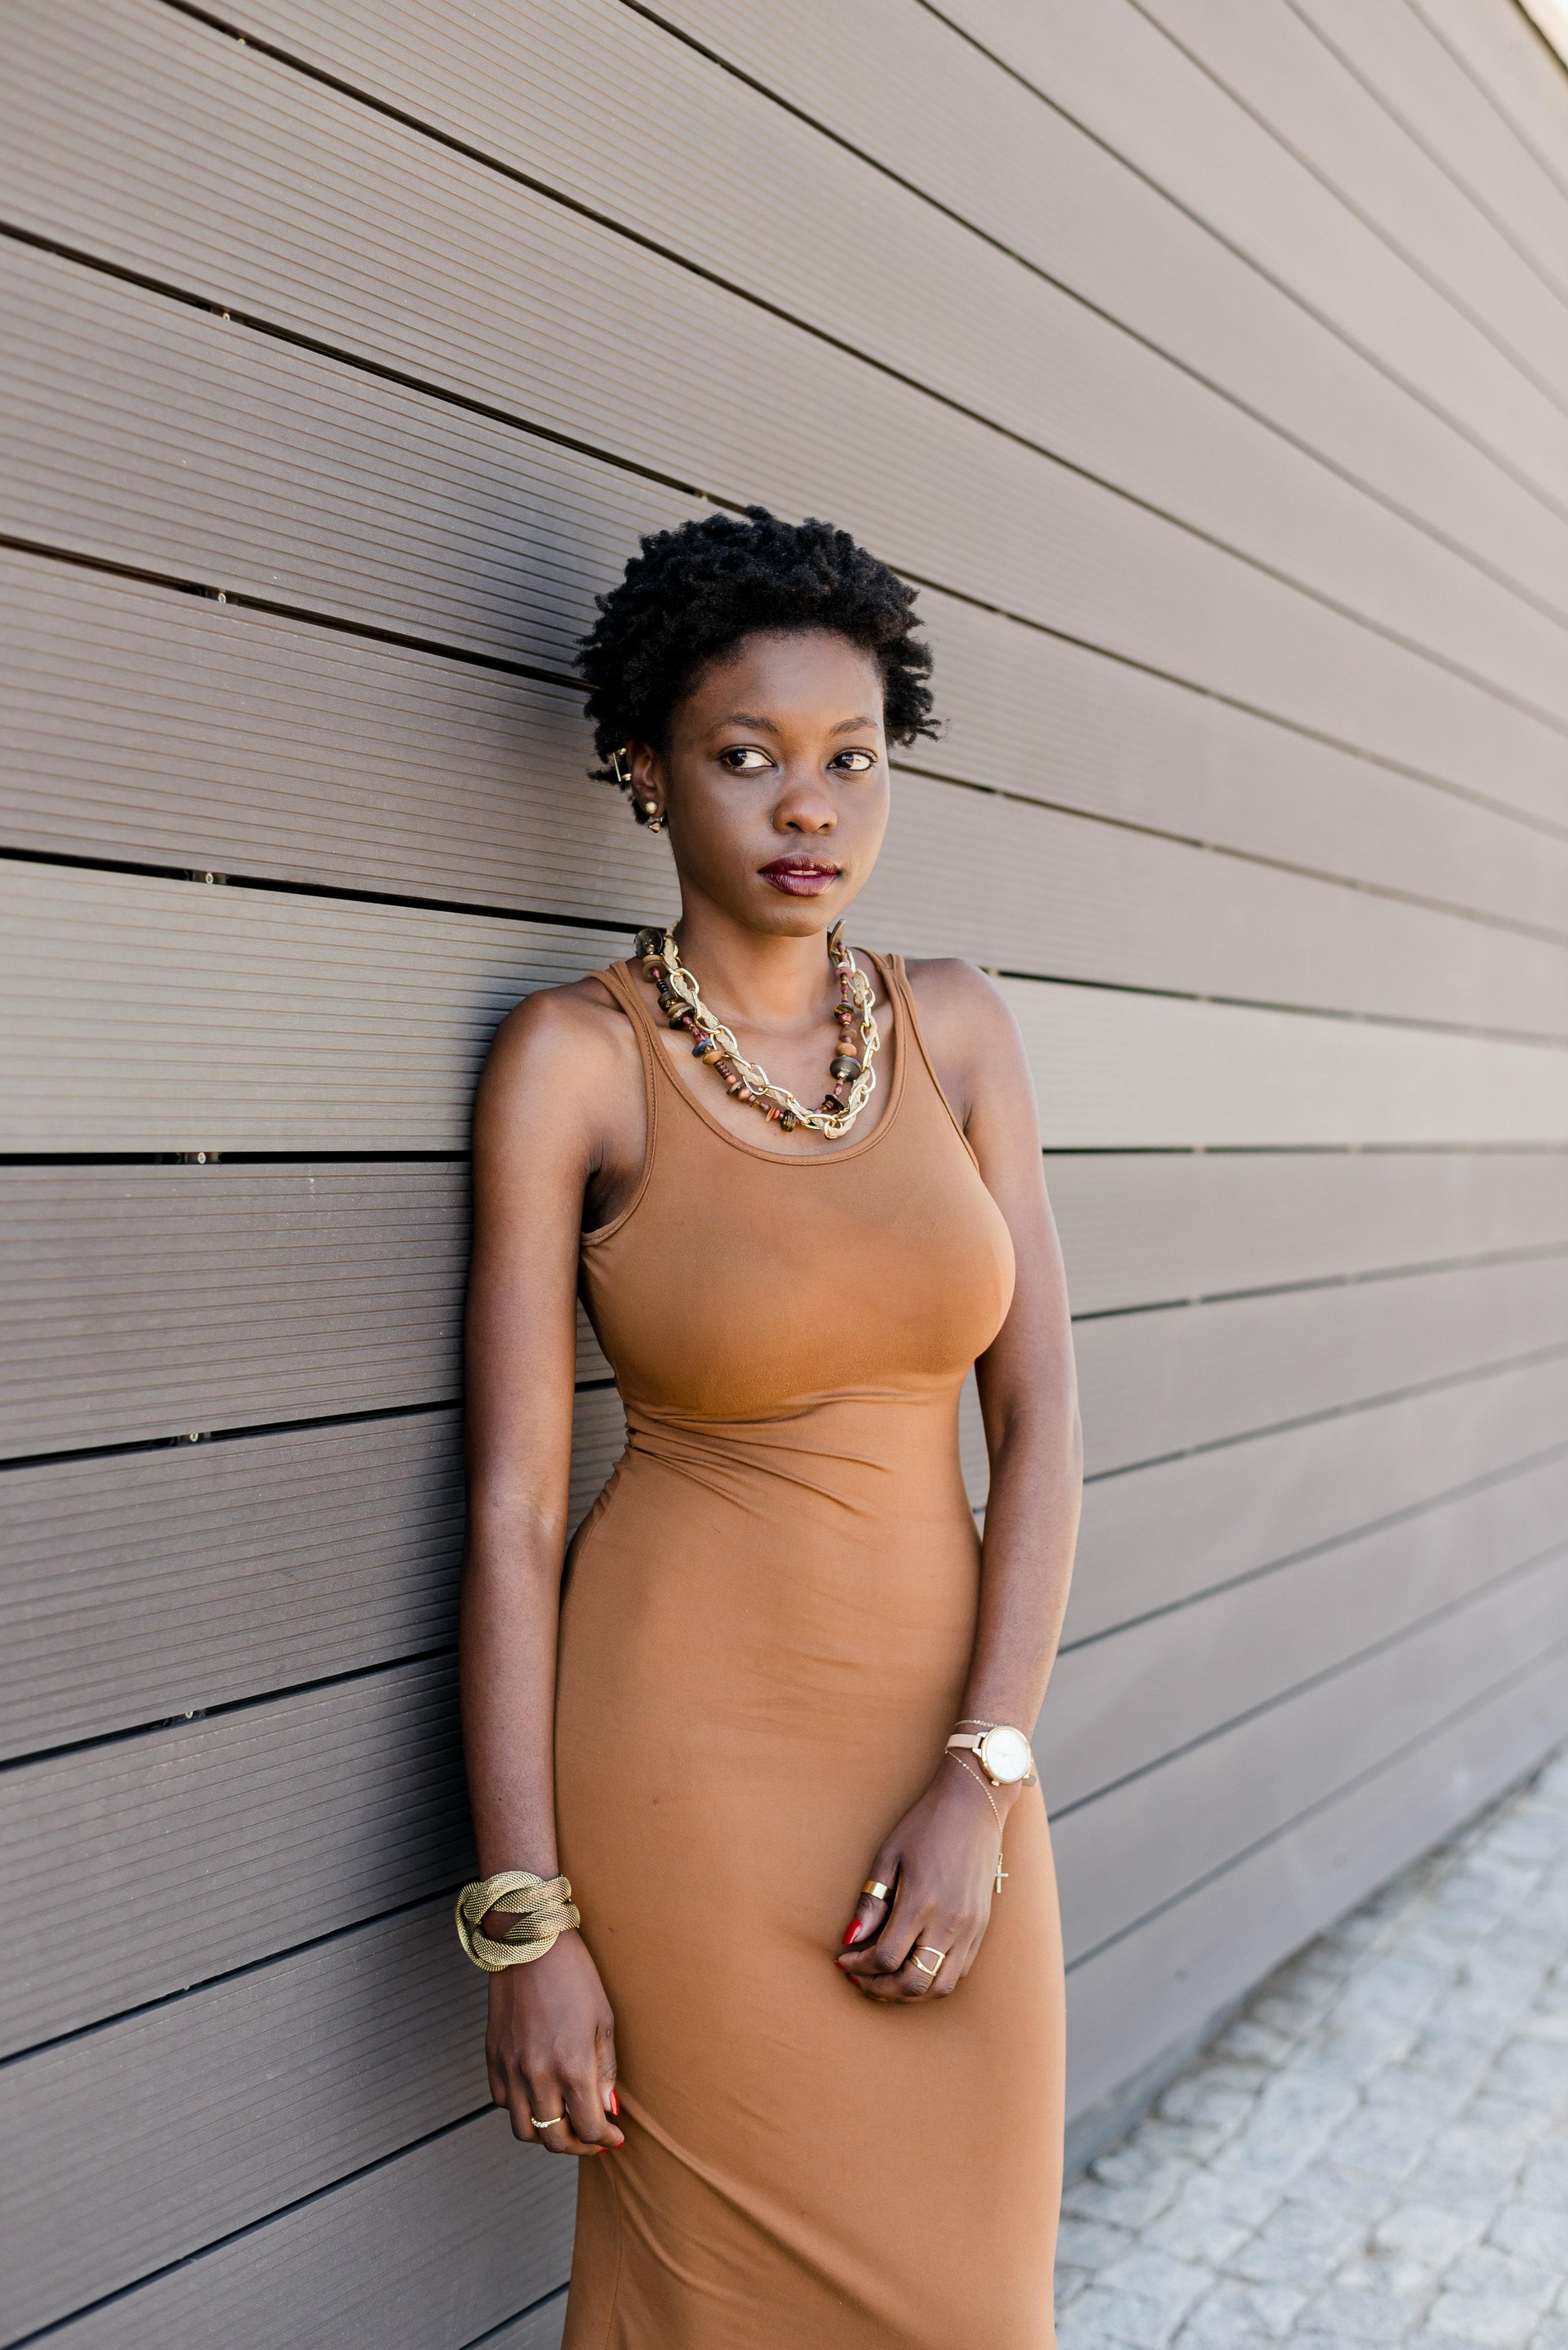 Ndapewoshali Writes